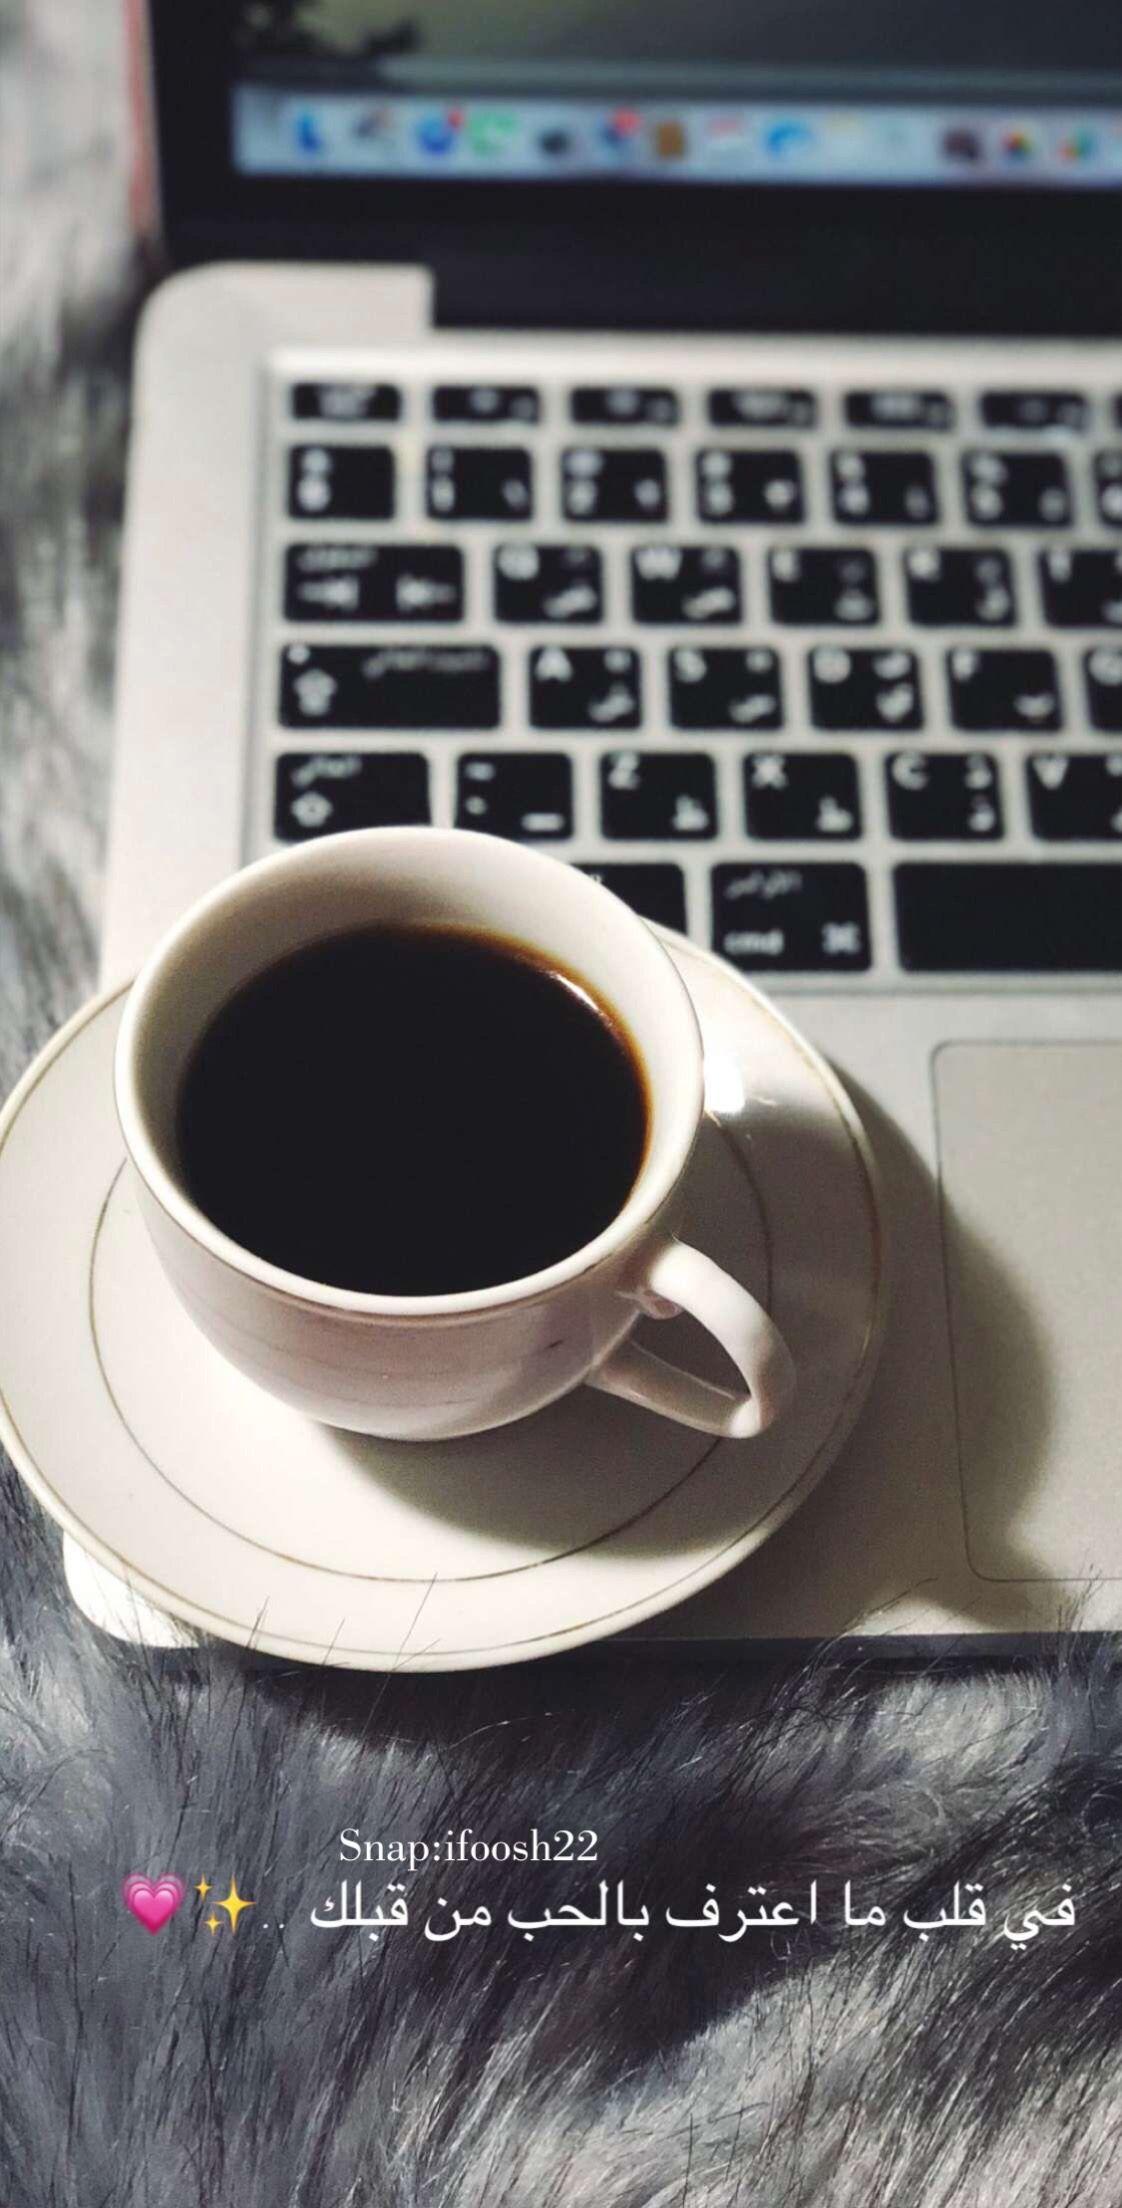 سناب صورة صور سنابات احتراف قهوة اقتباسات صباح الخير مساء الخير تصويري تصوير Snaps